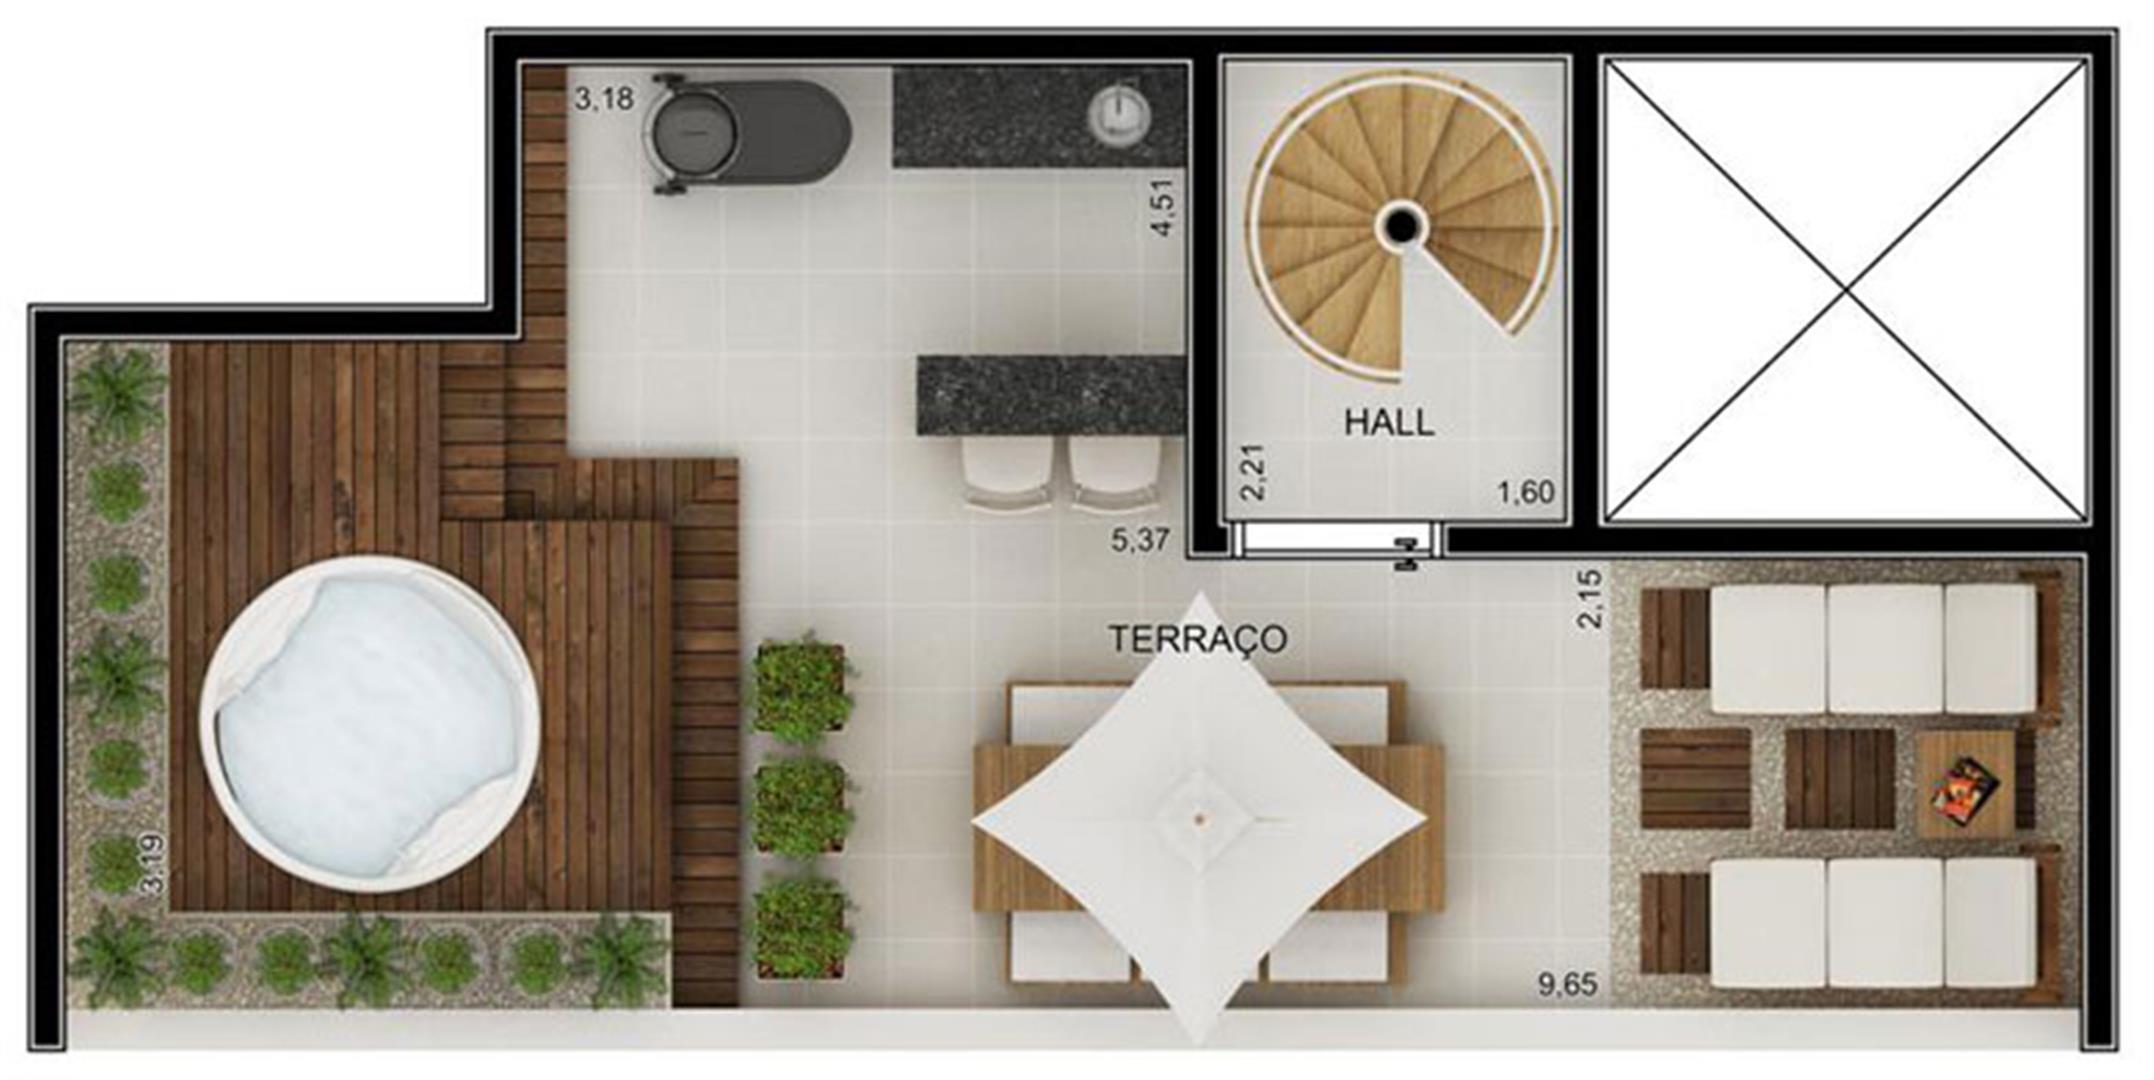 Planta:  | Novo Fatto Diadema - Apartamento em Diadema - Diadema São Paulo